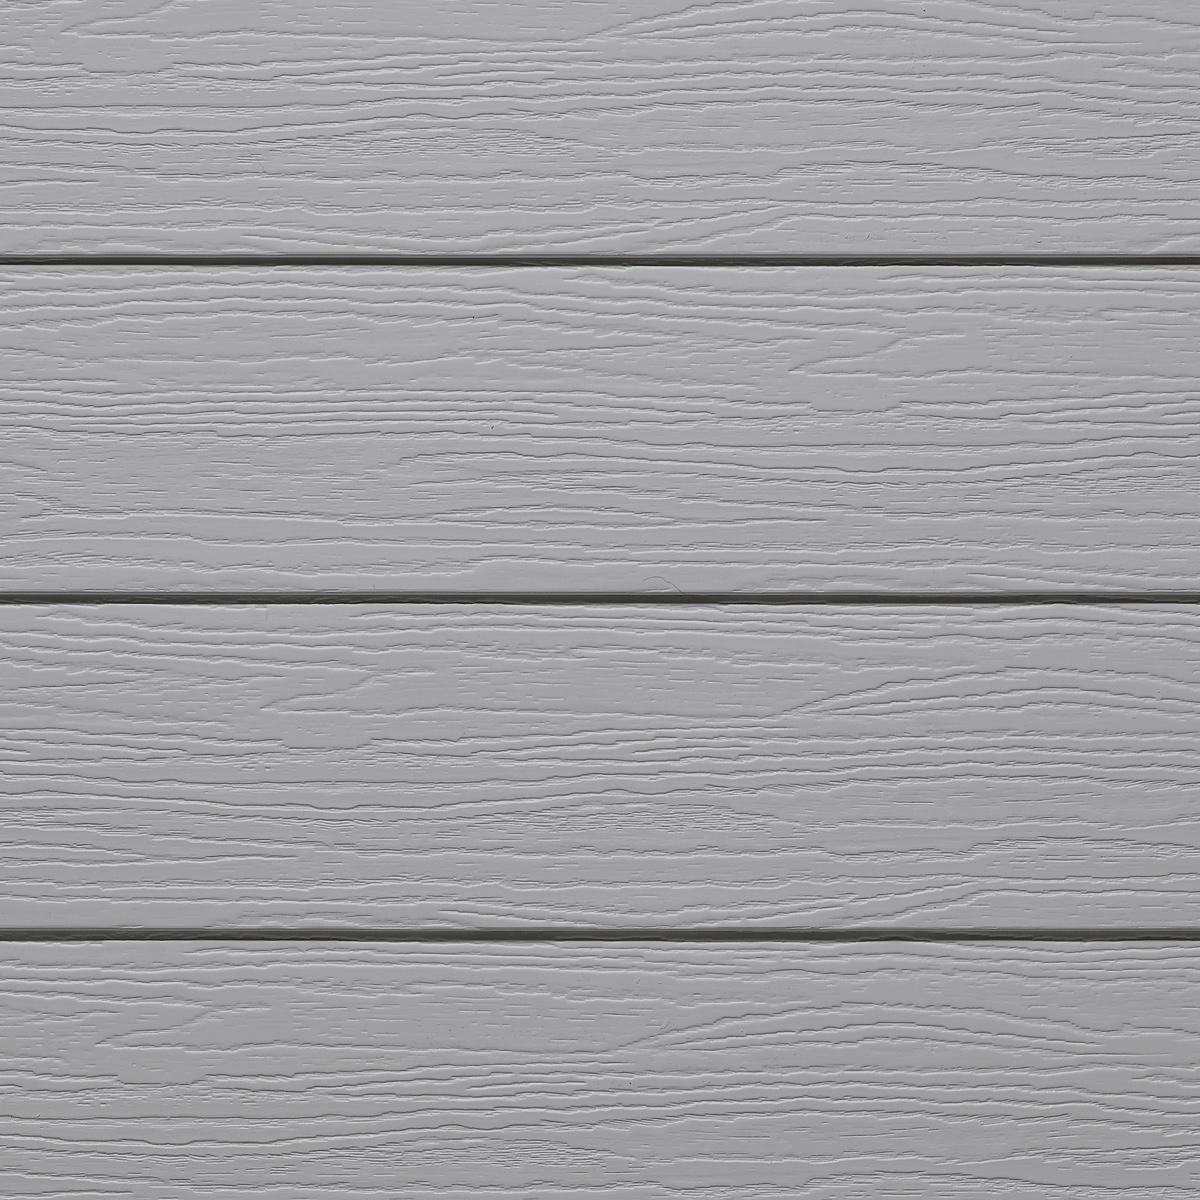 Produit Nettoyage Bardage Pvc lambris extérieur gris en pvc 240 x 17 x 0,6 cm 6 pièces dumaclin -  mr.bricolage